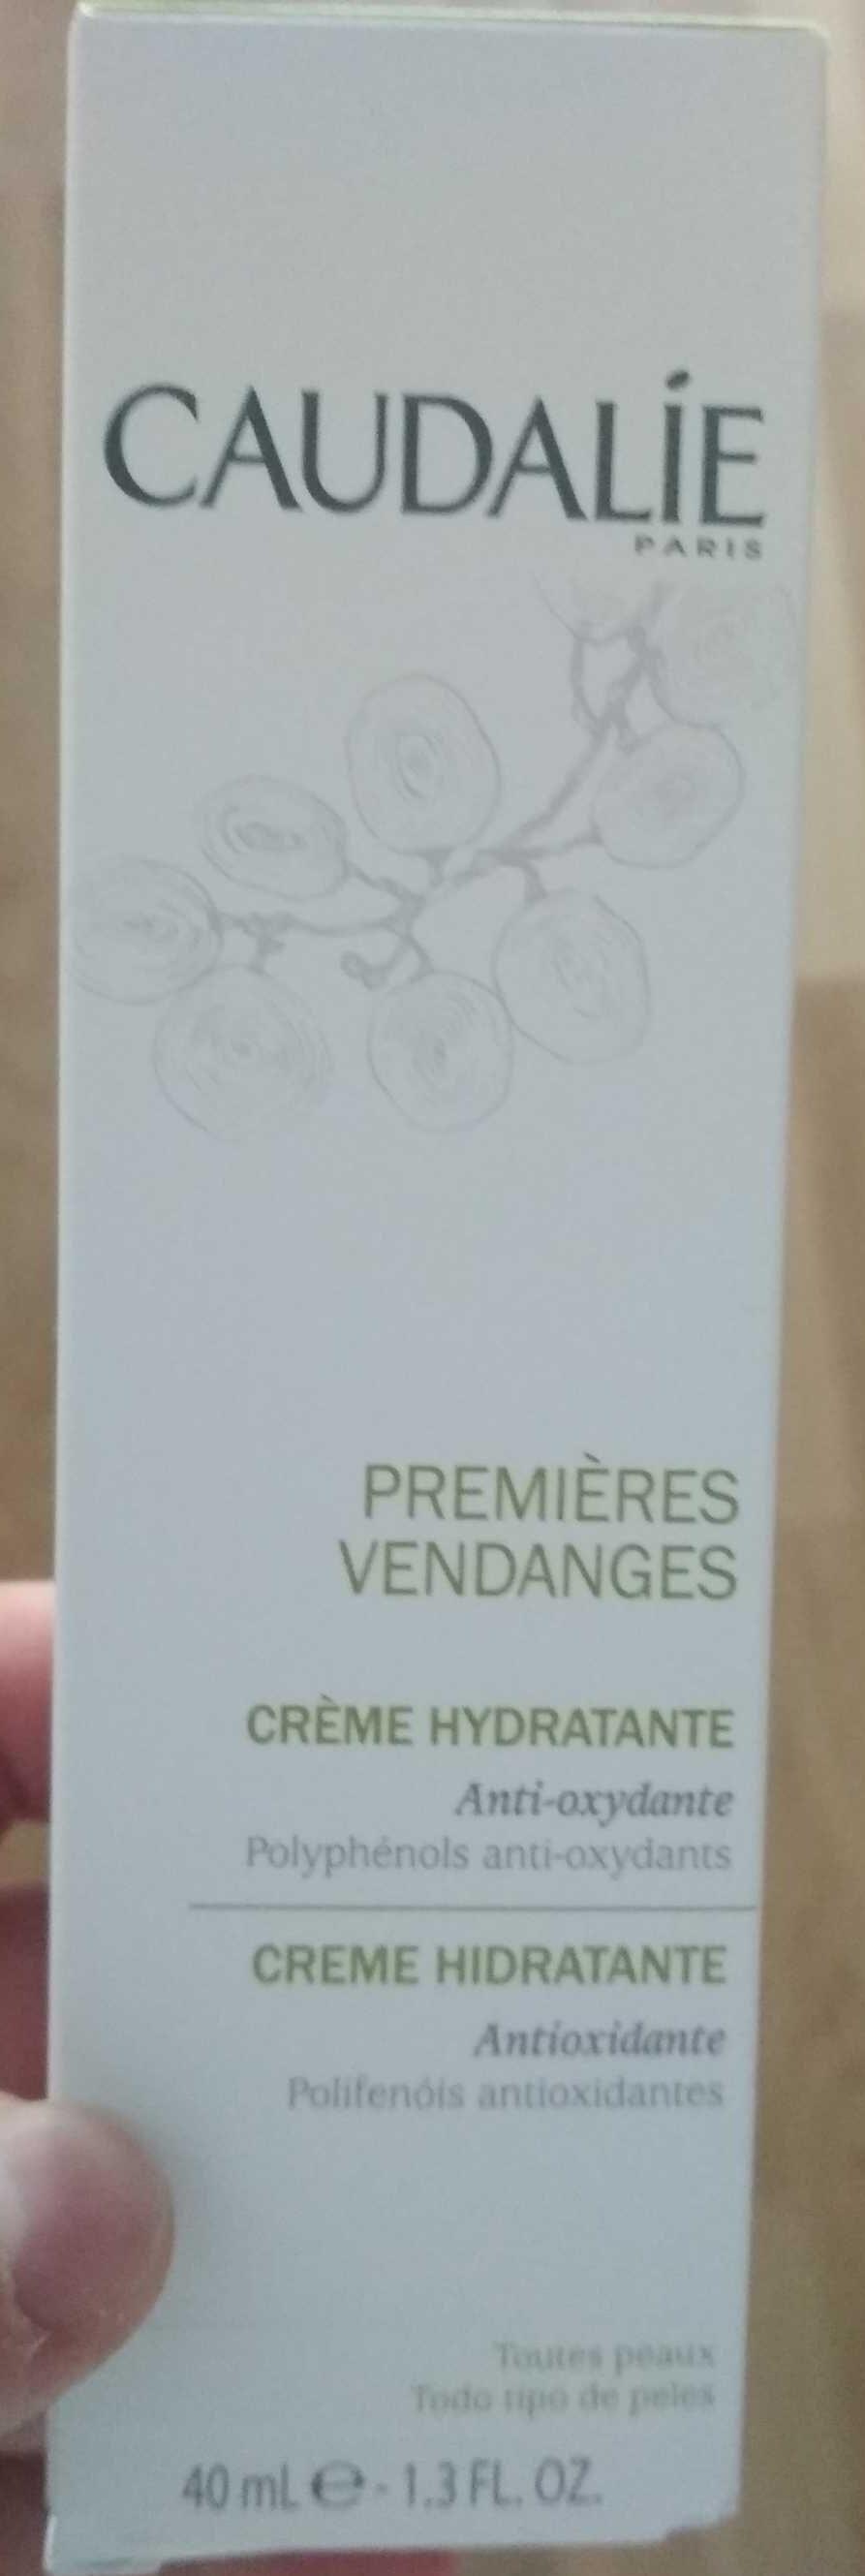 Premières vendanges - Produit - fr